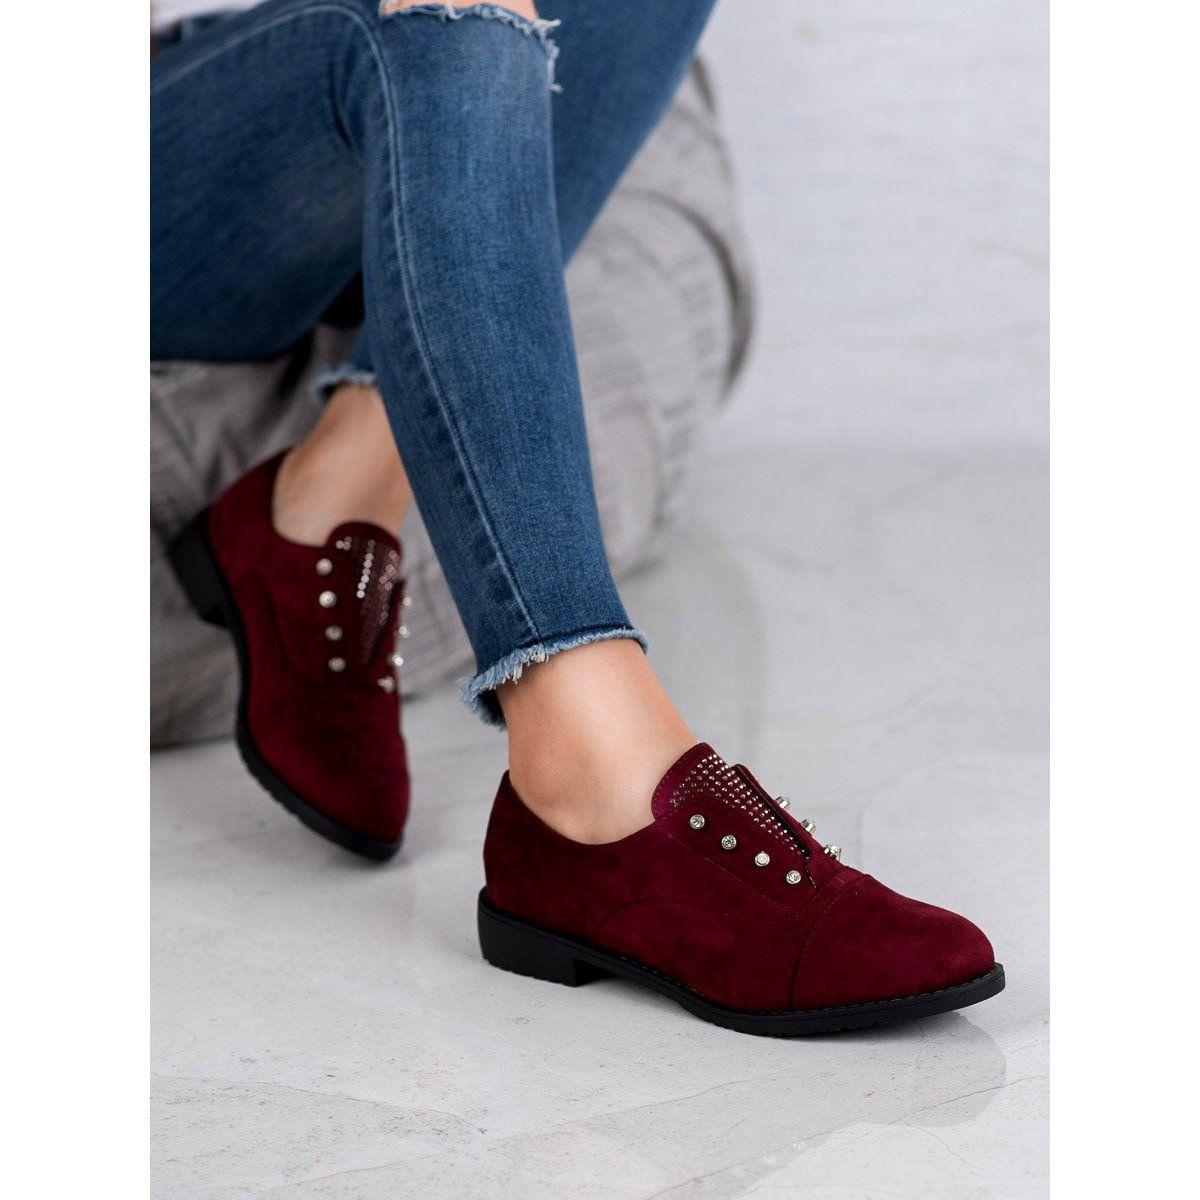 Nio Nio Wsuwane Polbuty Czerwone Womens Oxfords Oxford Shoes Shoes